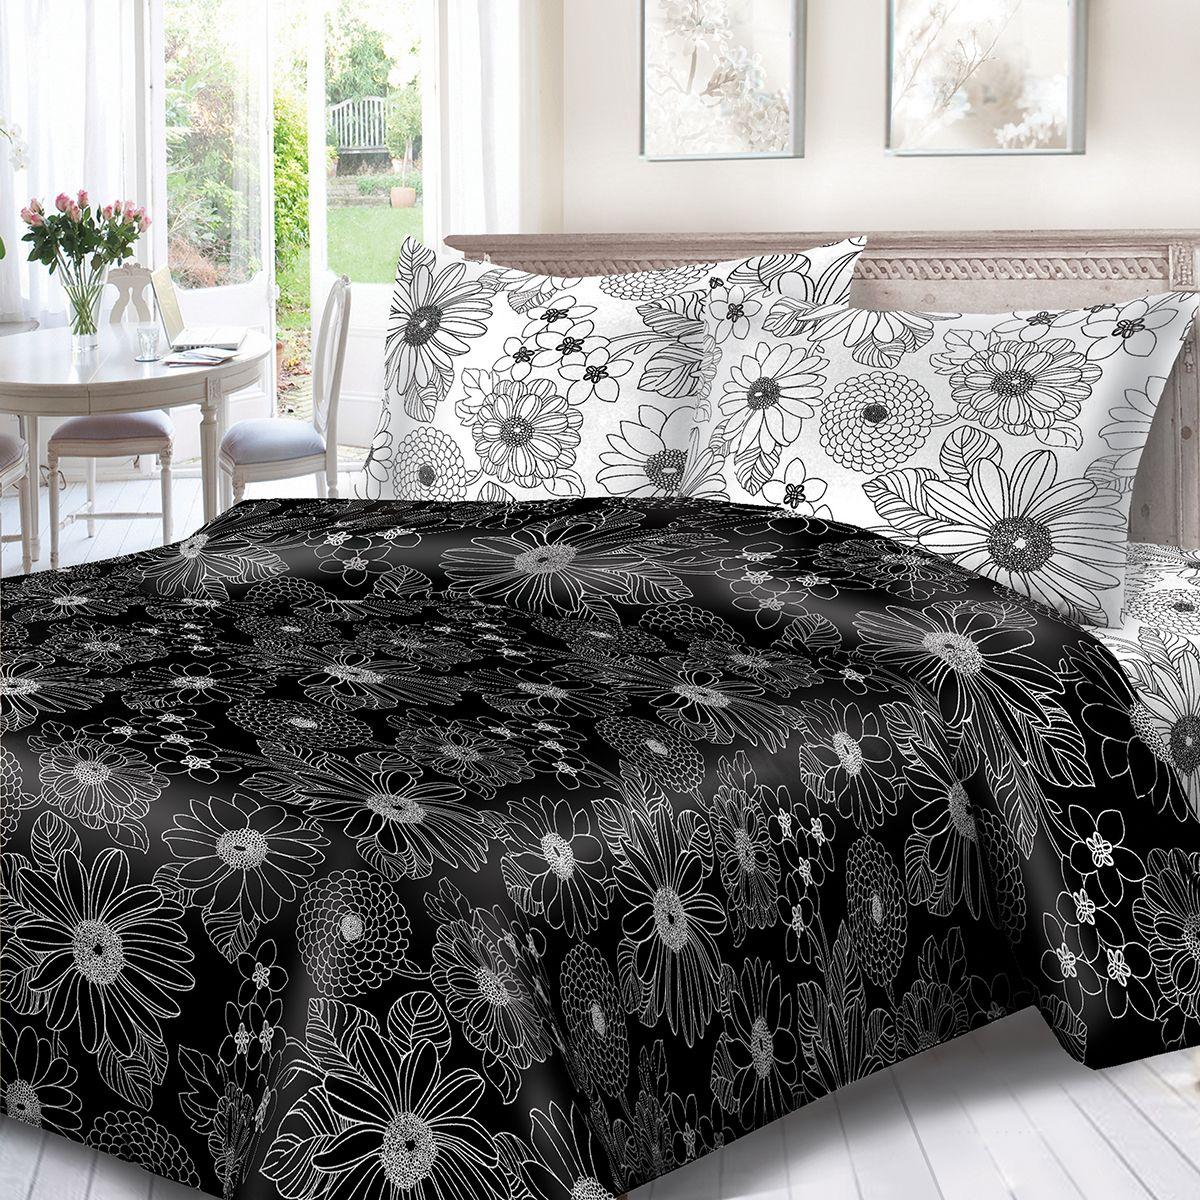 Комплект белья Сорренто День и ночь, евро, наволочки 70x70, цвет: черный. 1132-189076